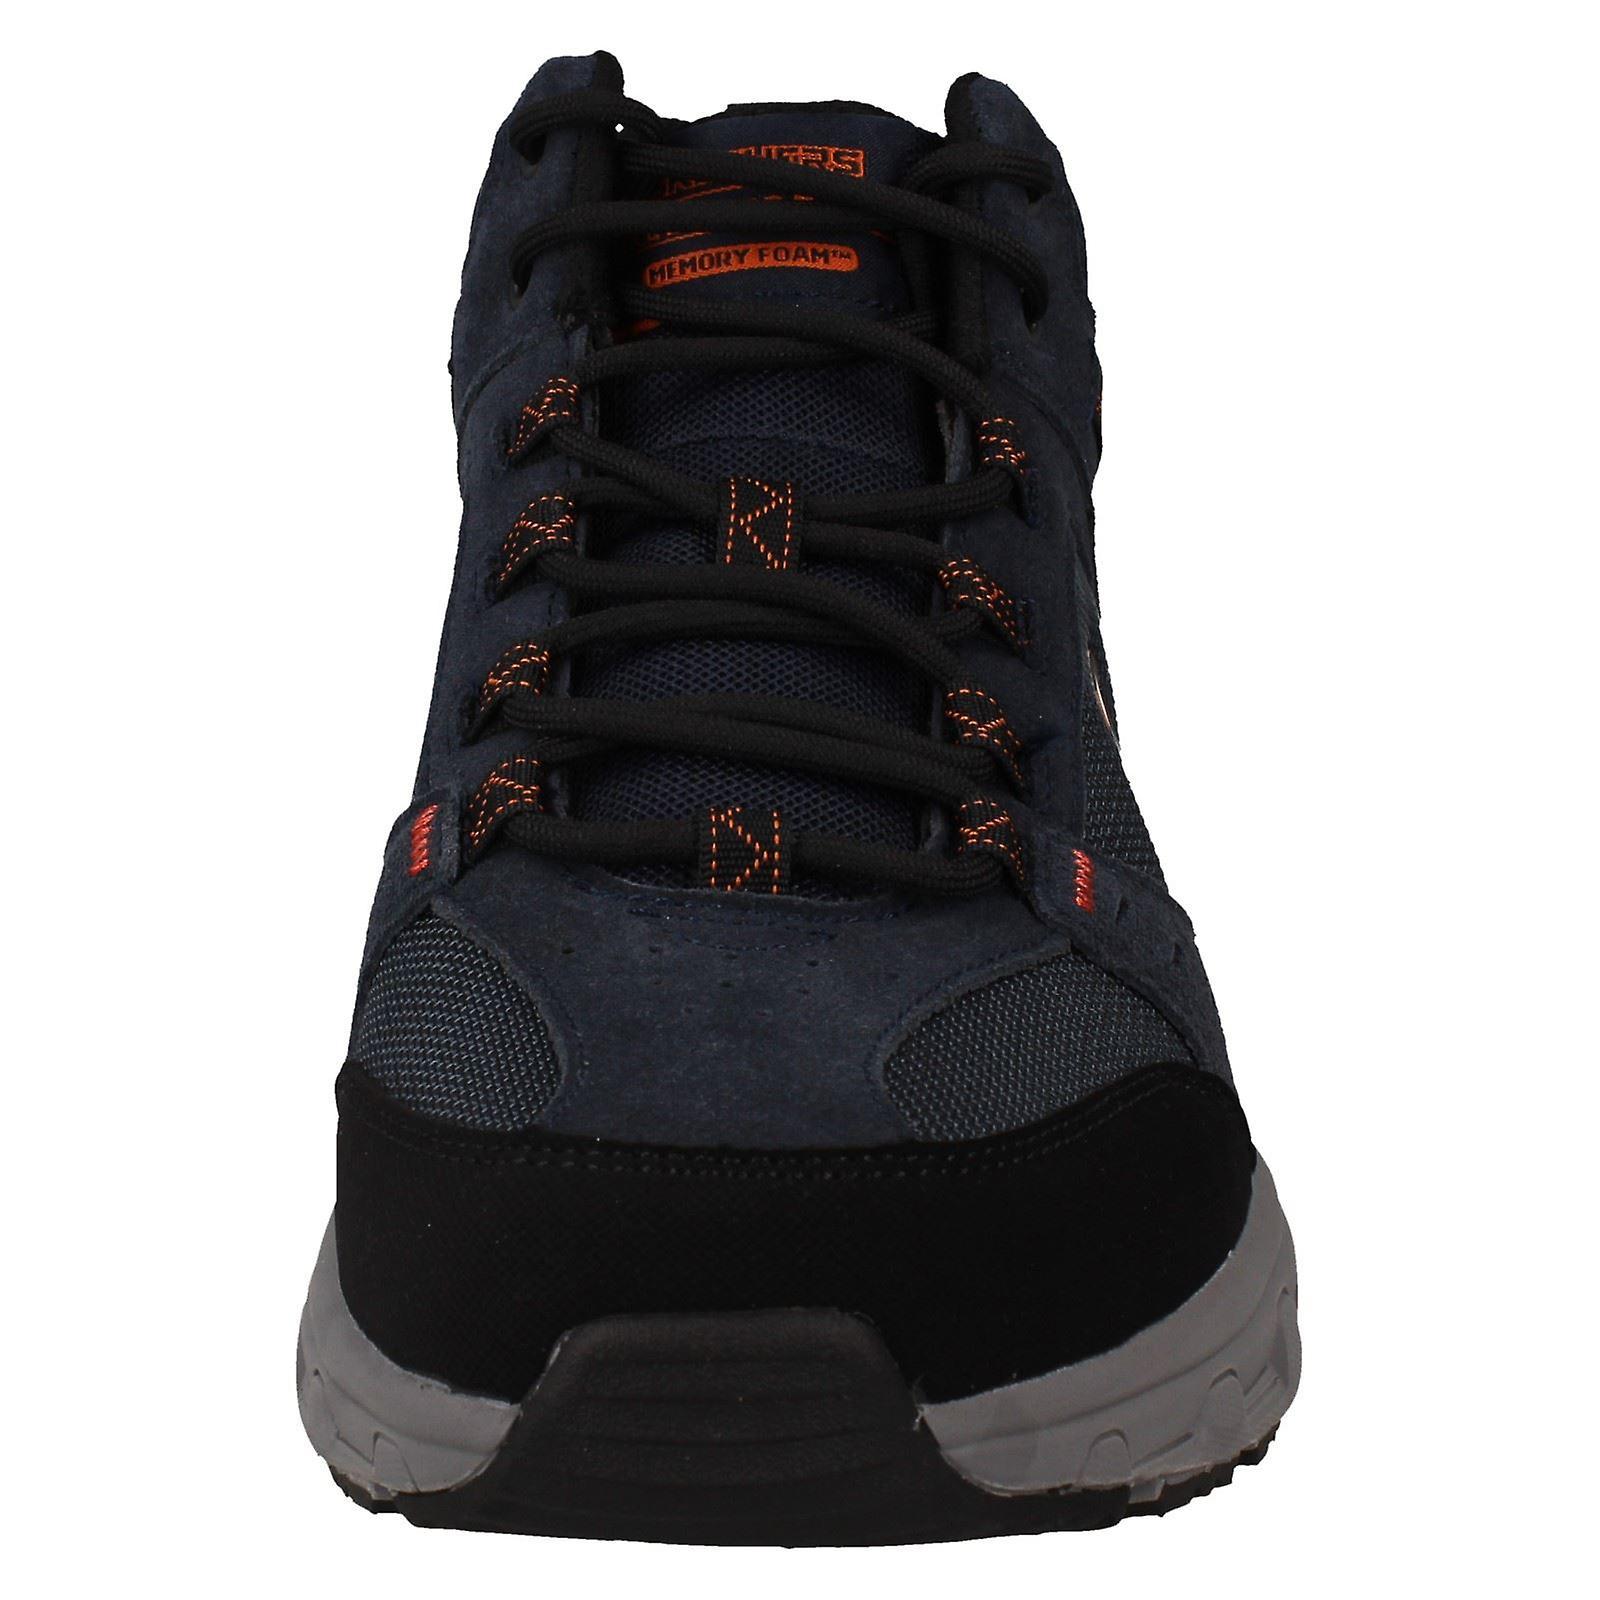 Mens Skechers Mémoire Mousse Ankle Boots Oak Canyon Iron Hide